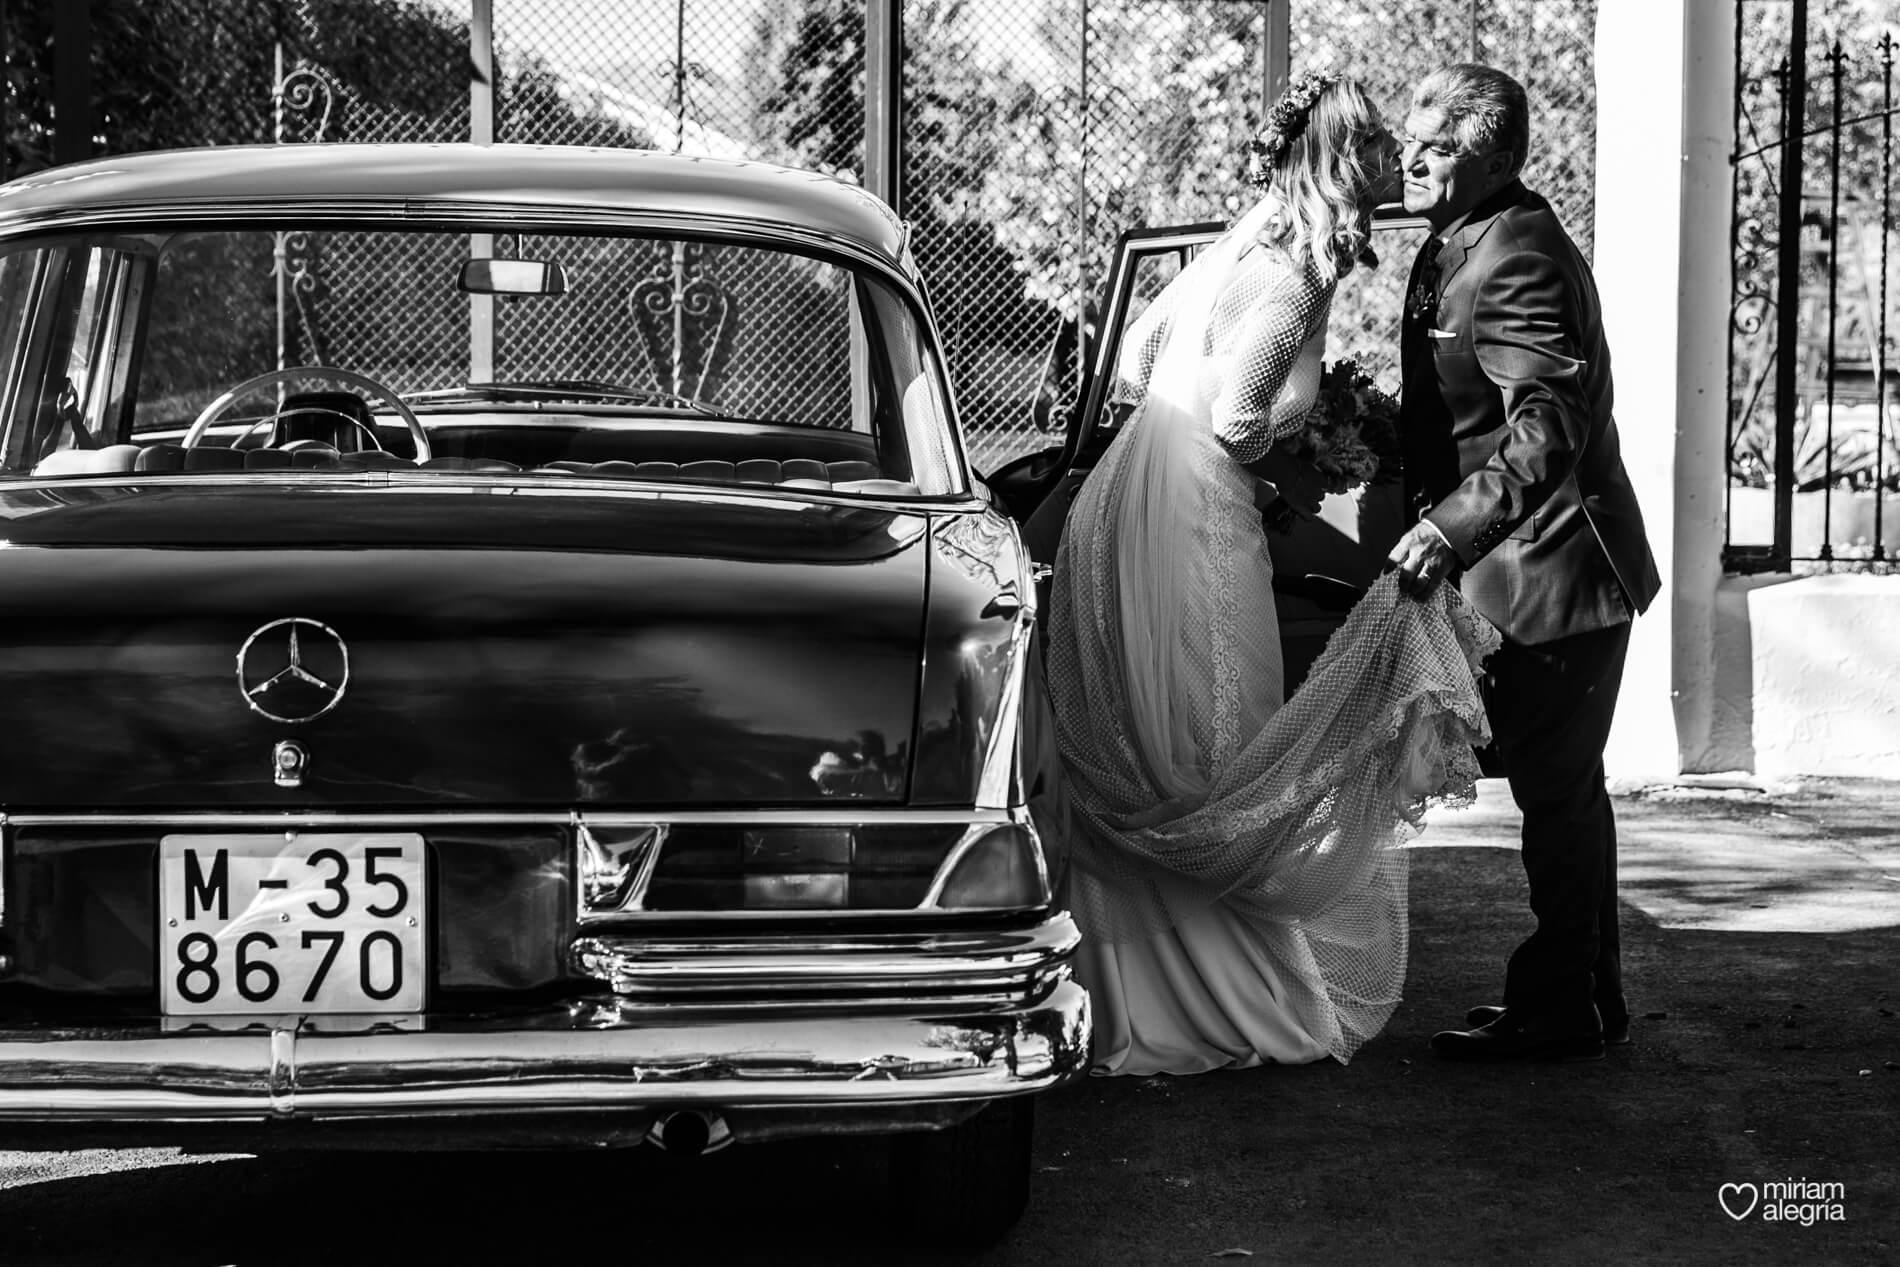 boda-en-collados-miriam-alegria-cayetana-ferrer-34